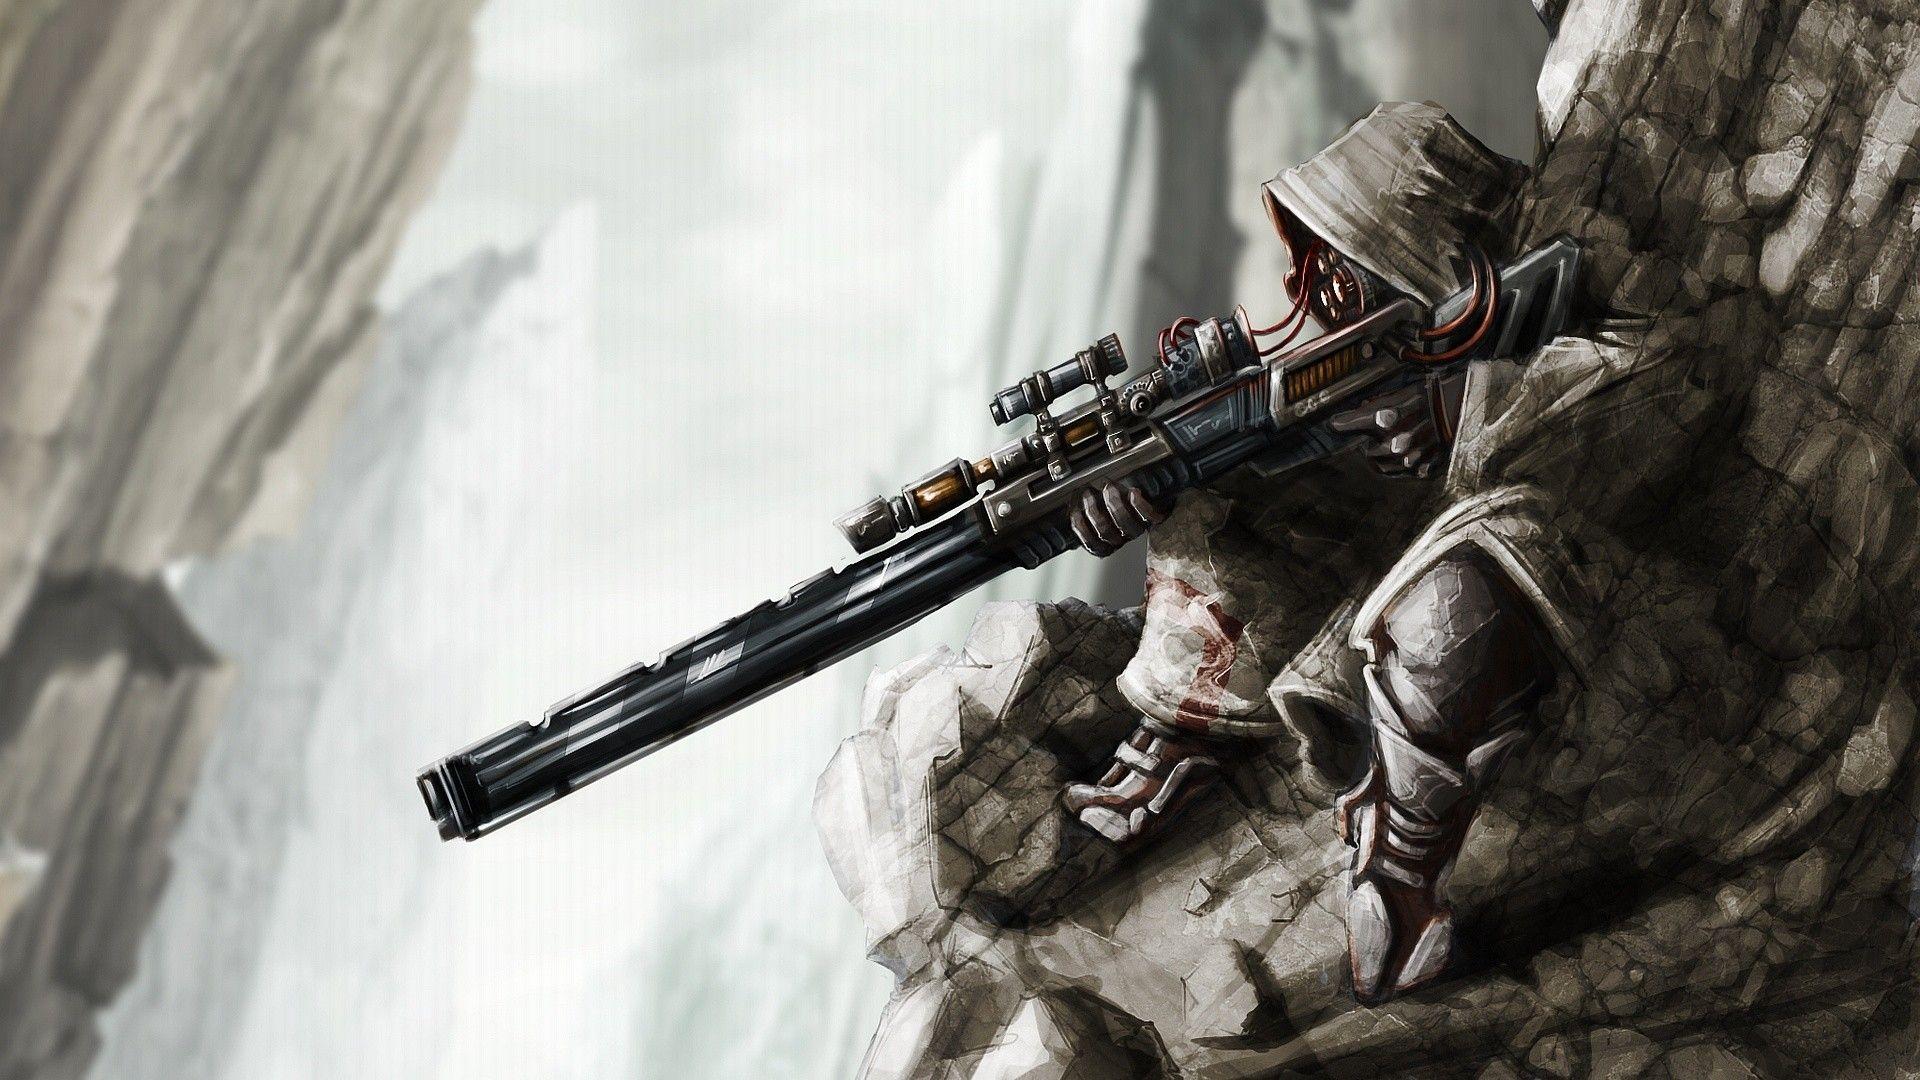 snipper_jeux-de-guerre_fond-ecran_4